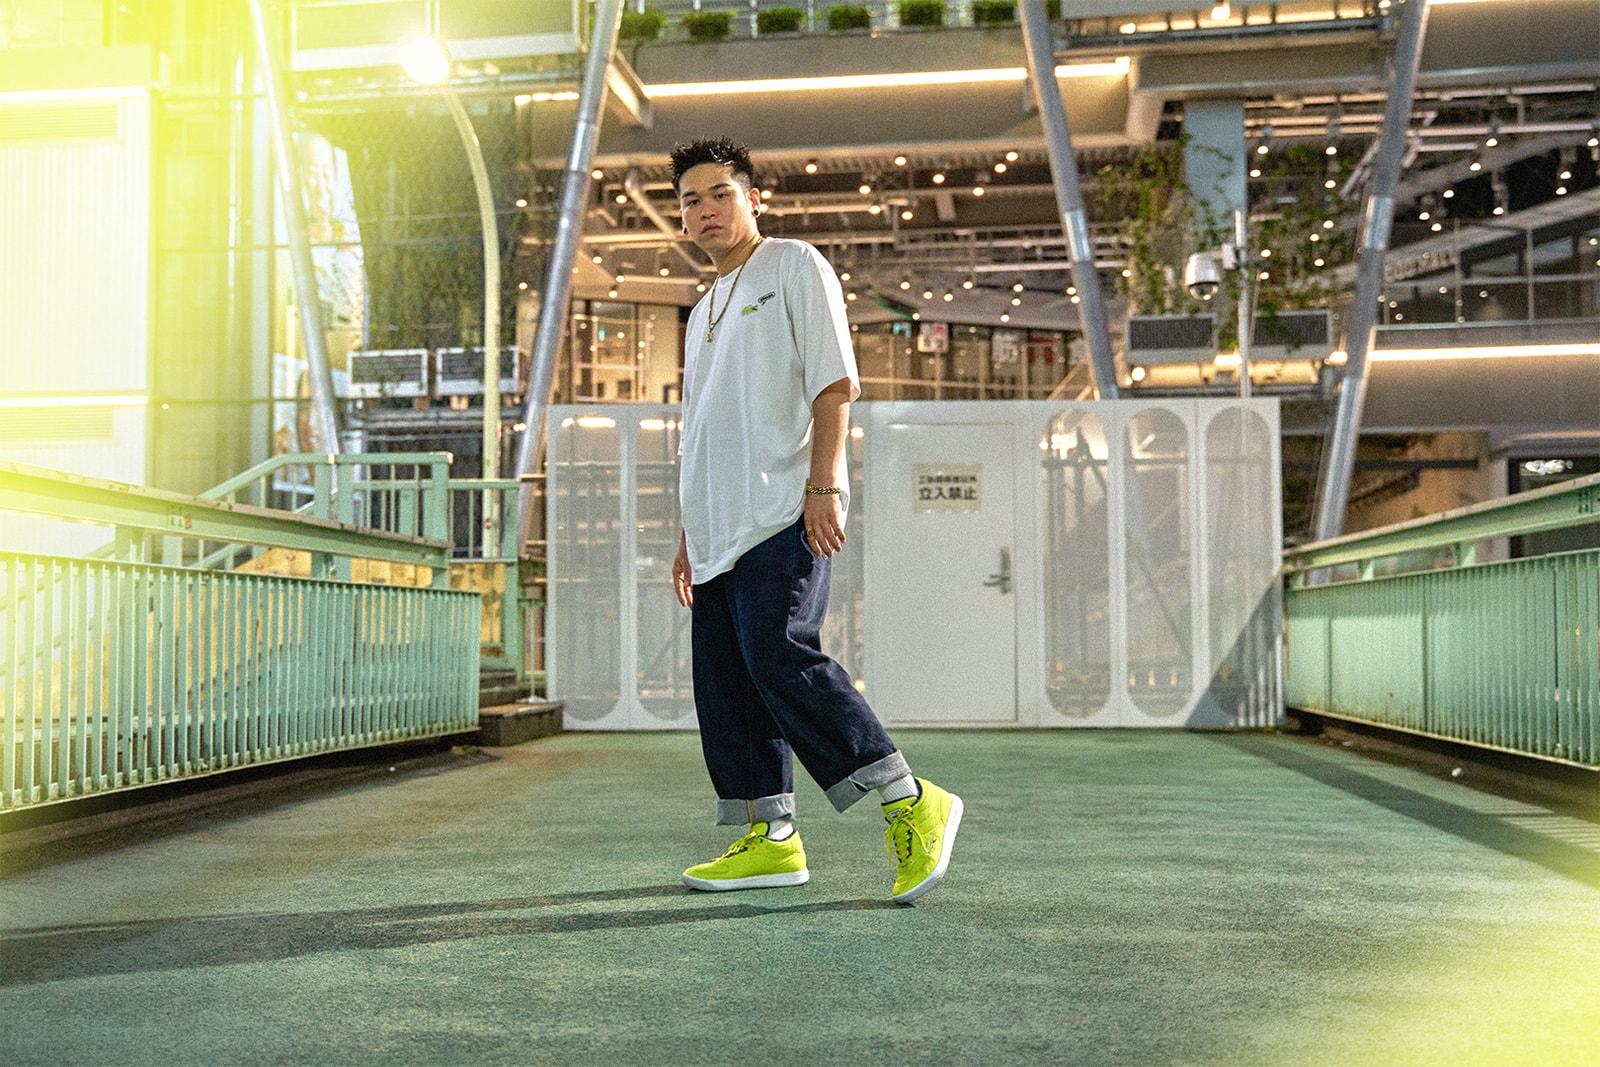 LACOSTE X Atmos 首个限定联名系列发布,展现「街头网球」风